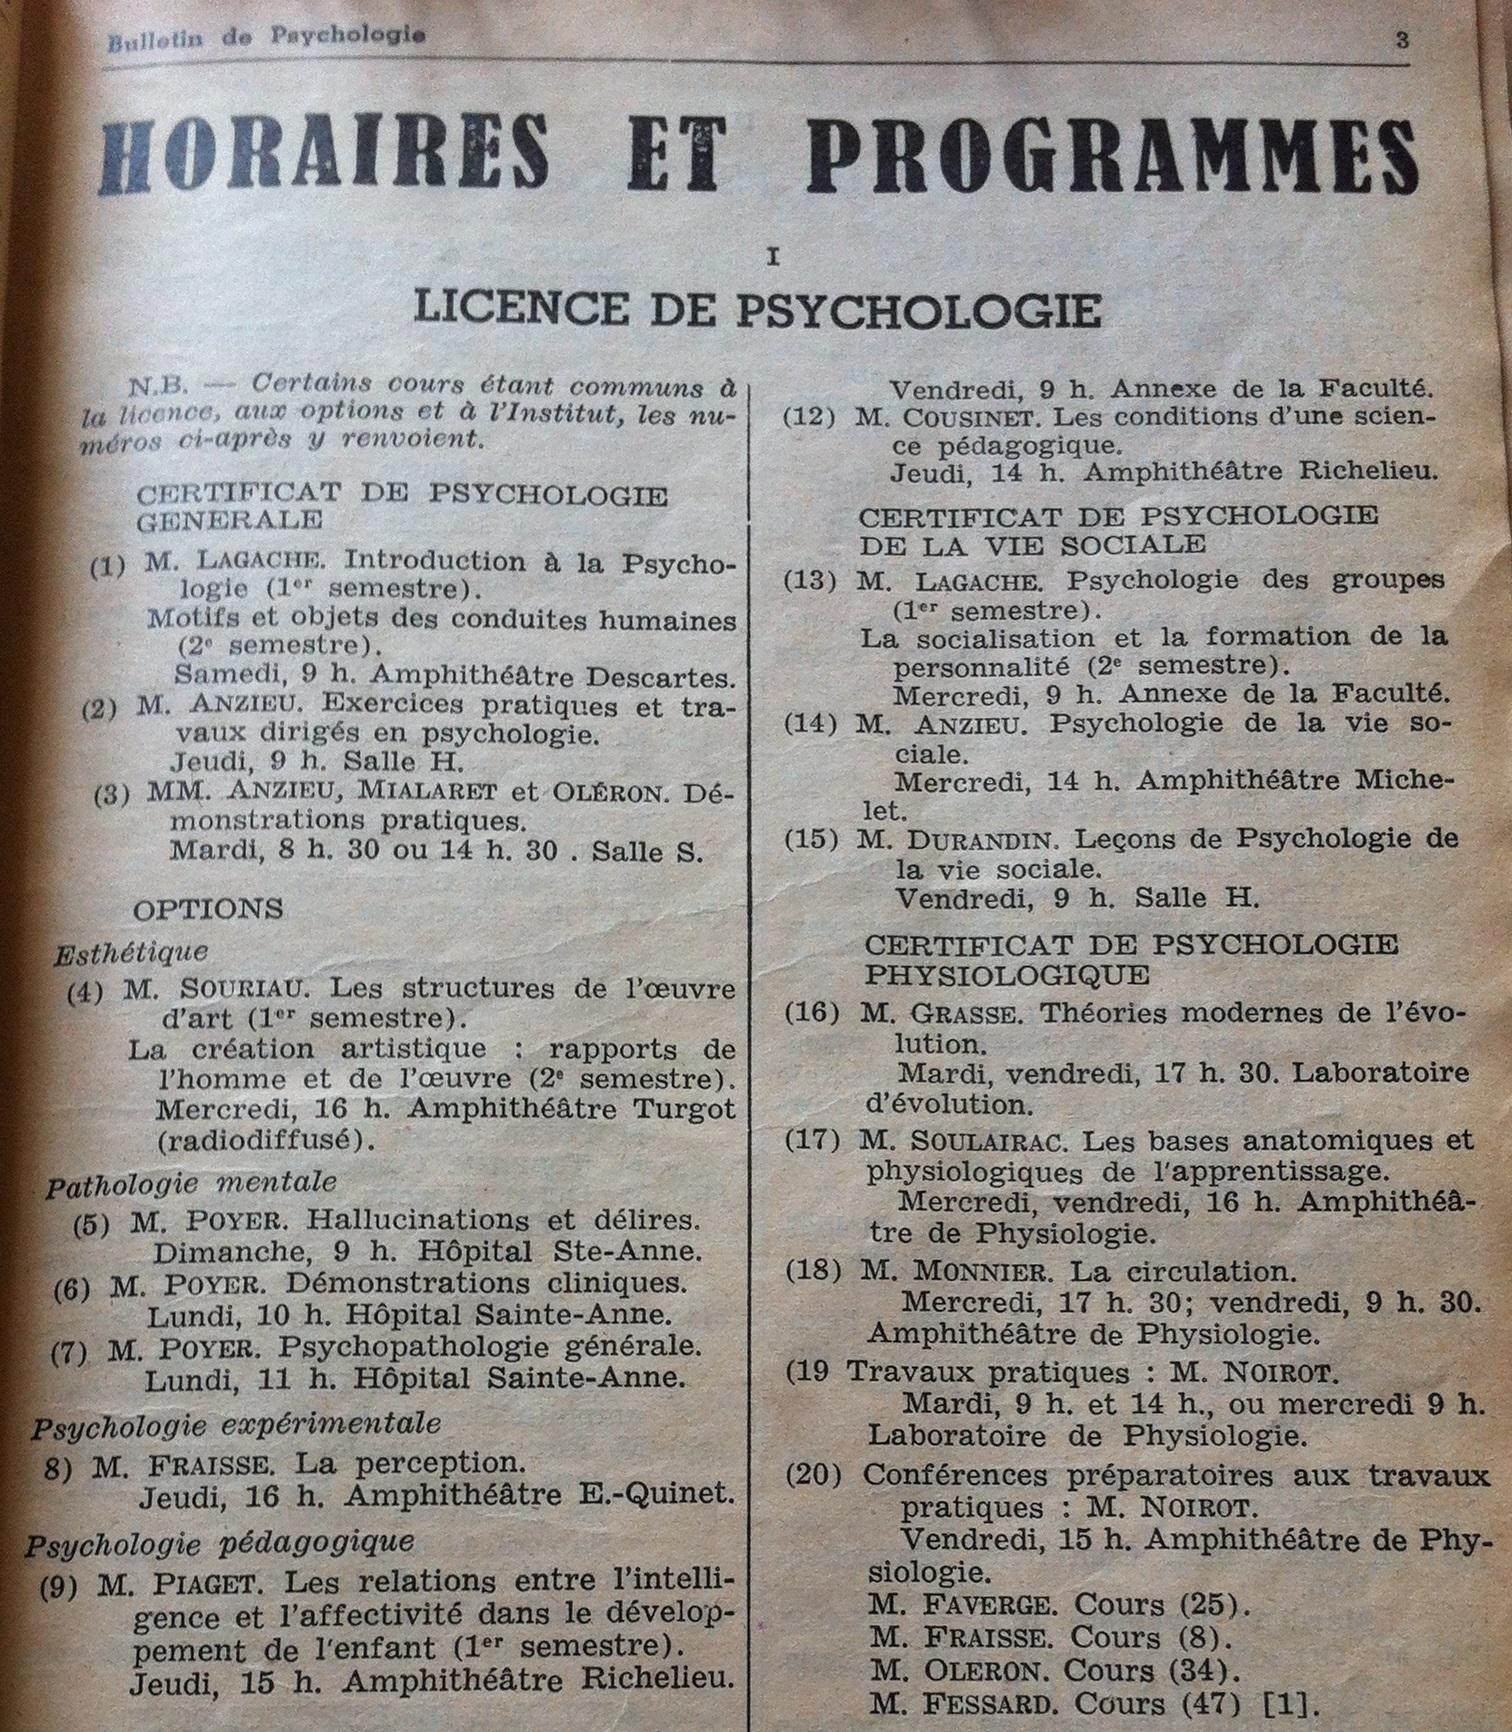 horaires et programme - licence 1 psychologie université Paris Descartes